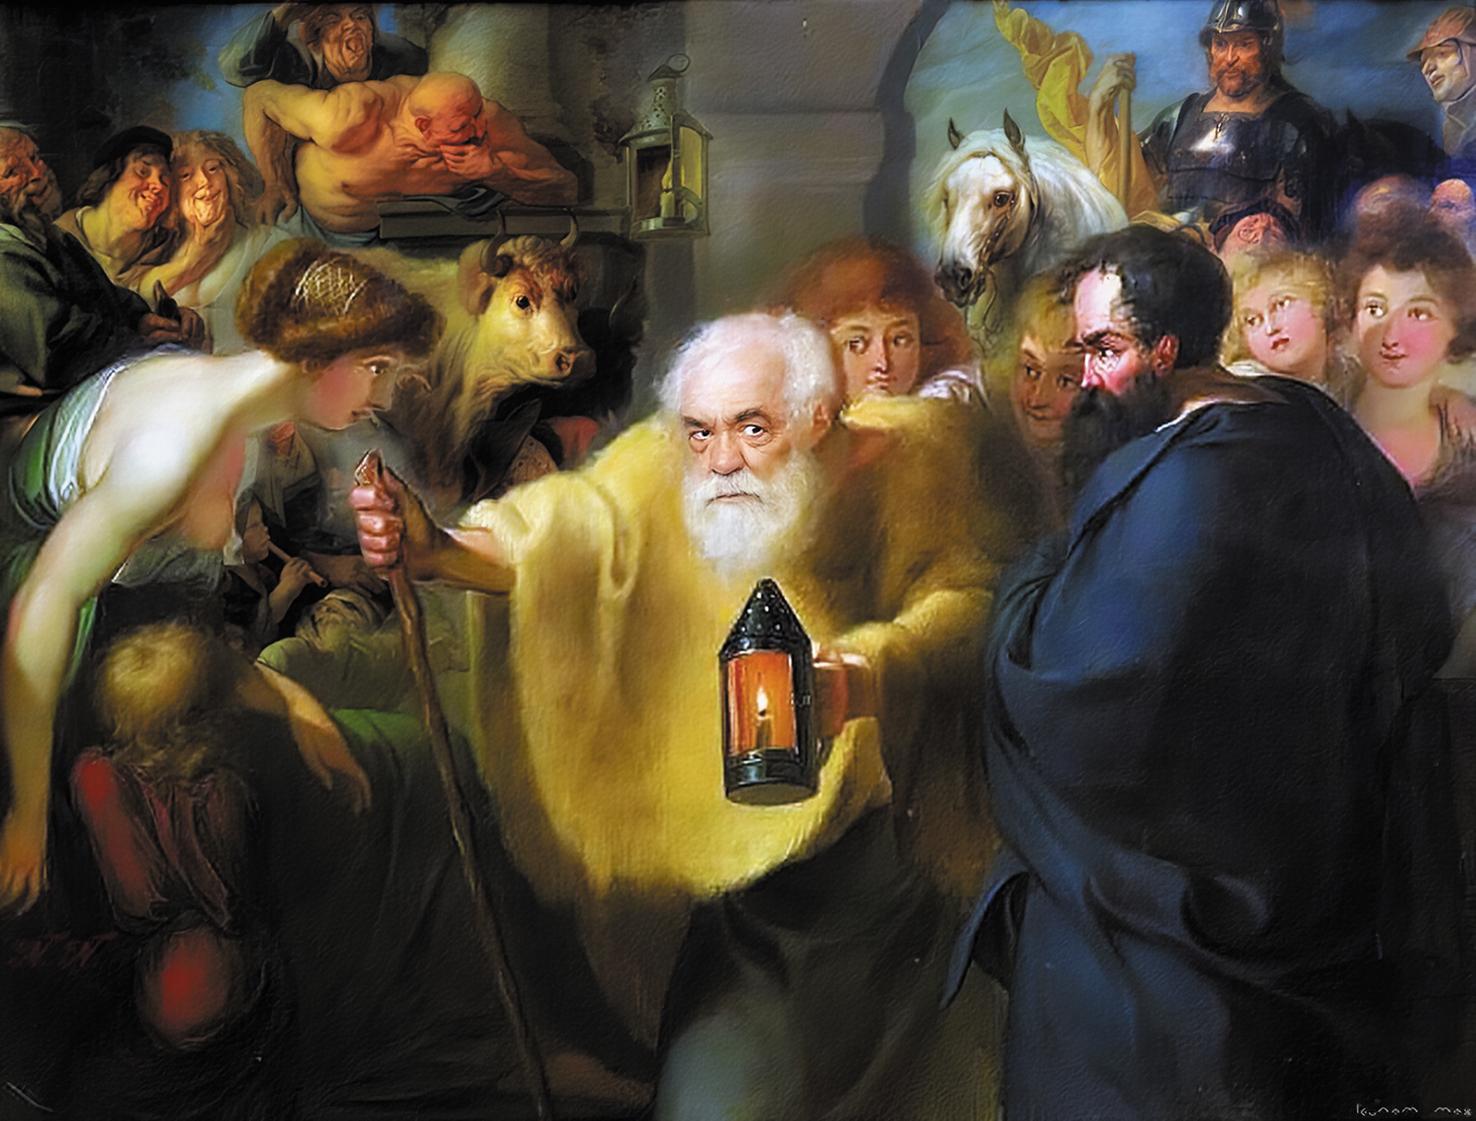 Диоген с лампой в поисках людей. Иоганн Генрих Вильгельм Тишбейн. Около 1780 года